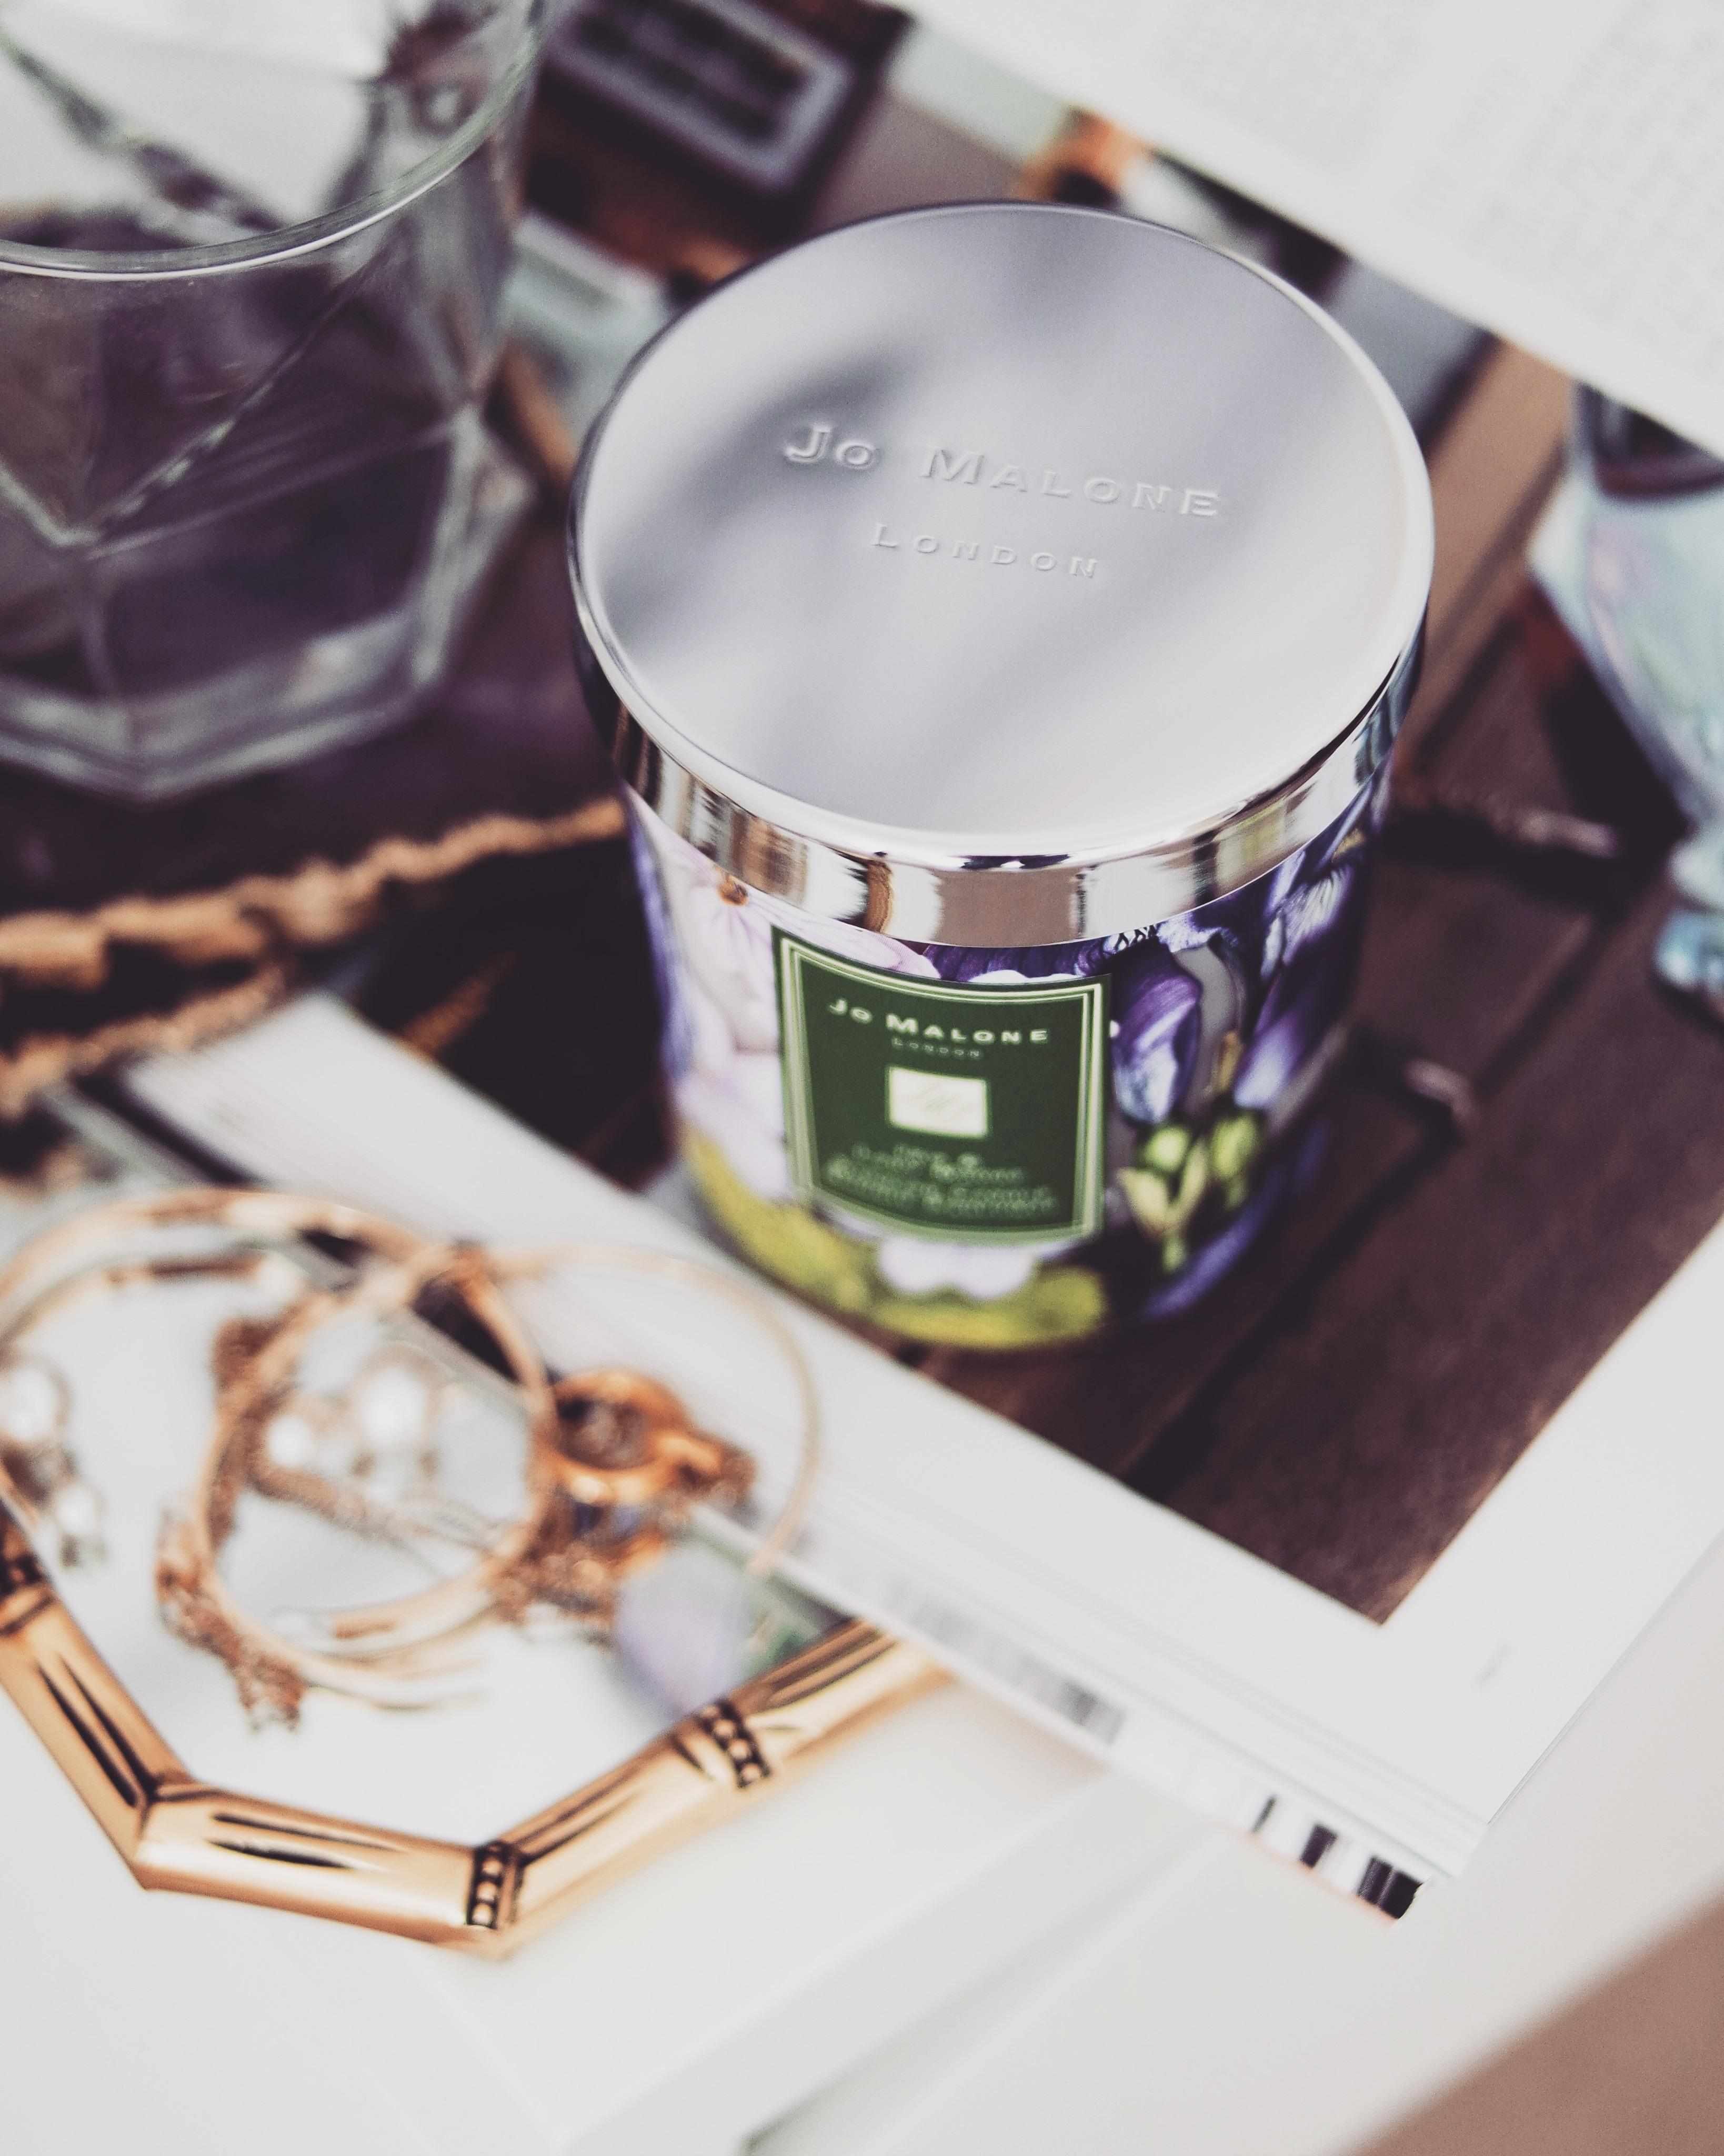 Jo Malone - Printed Candle